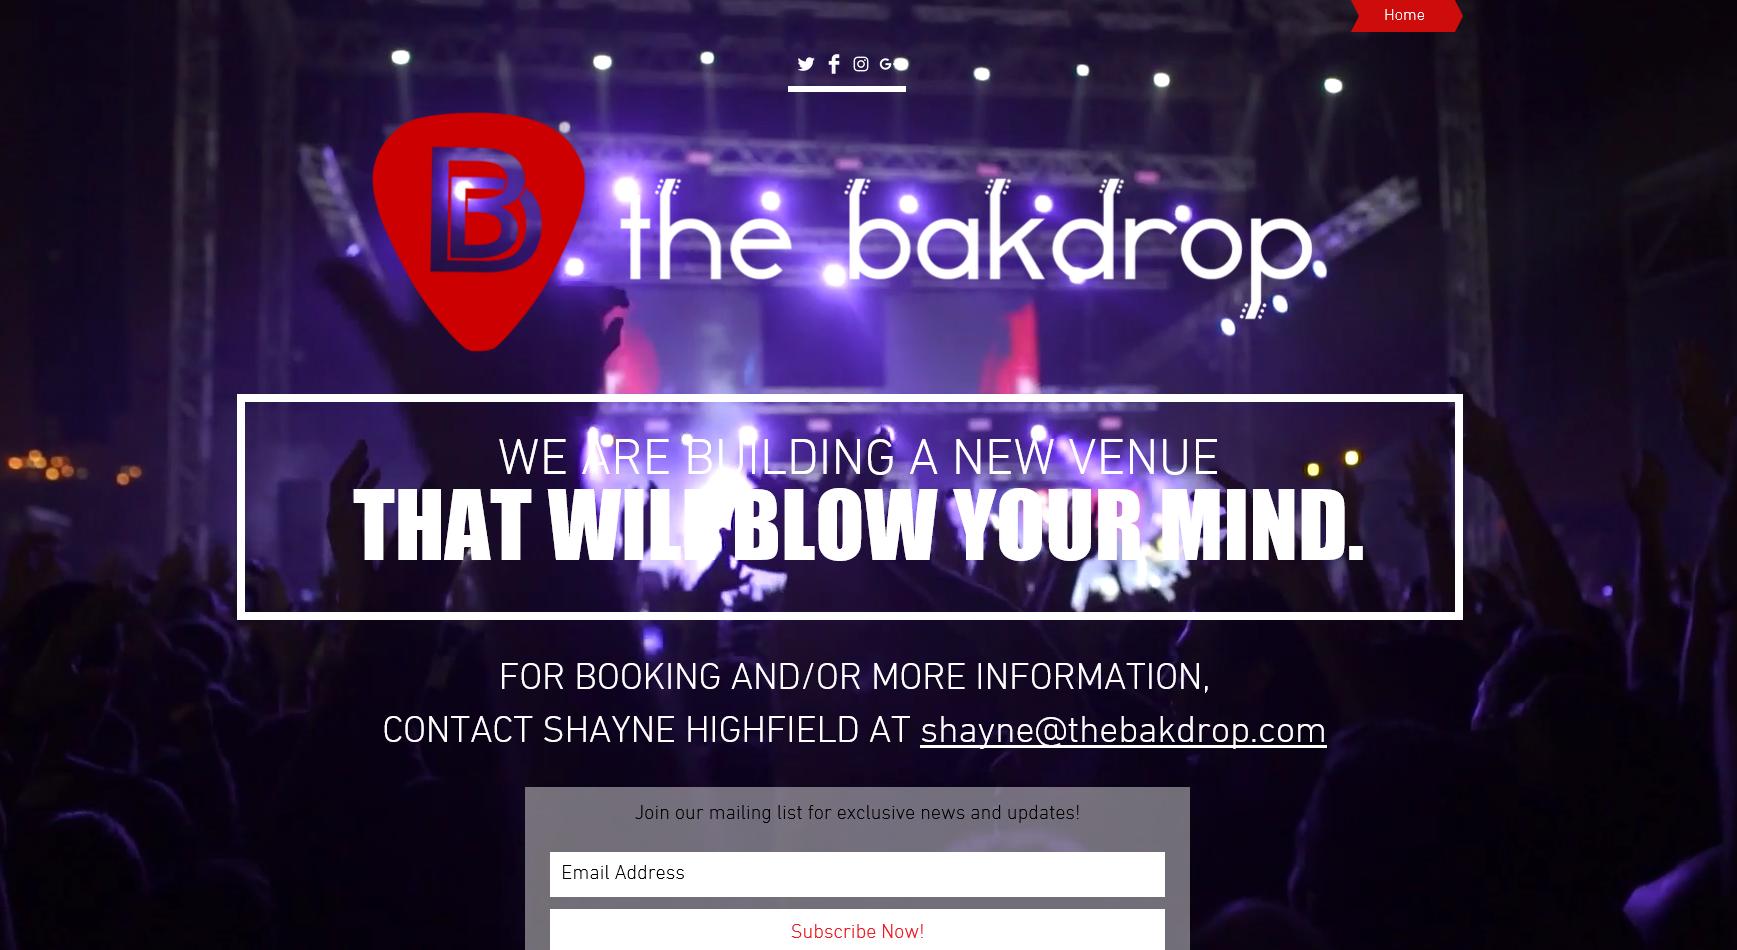 thebakdrop.com